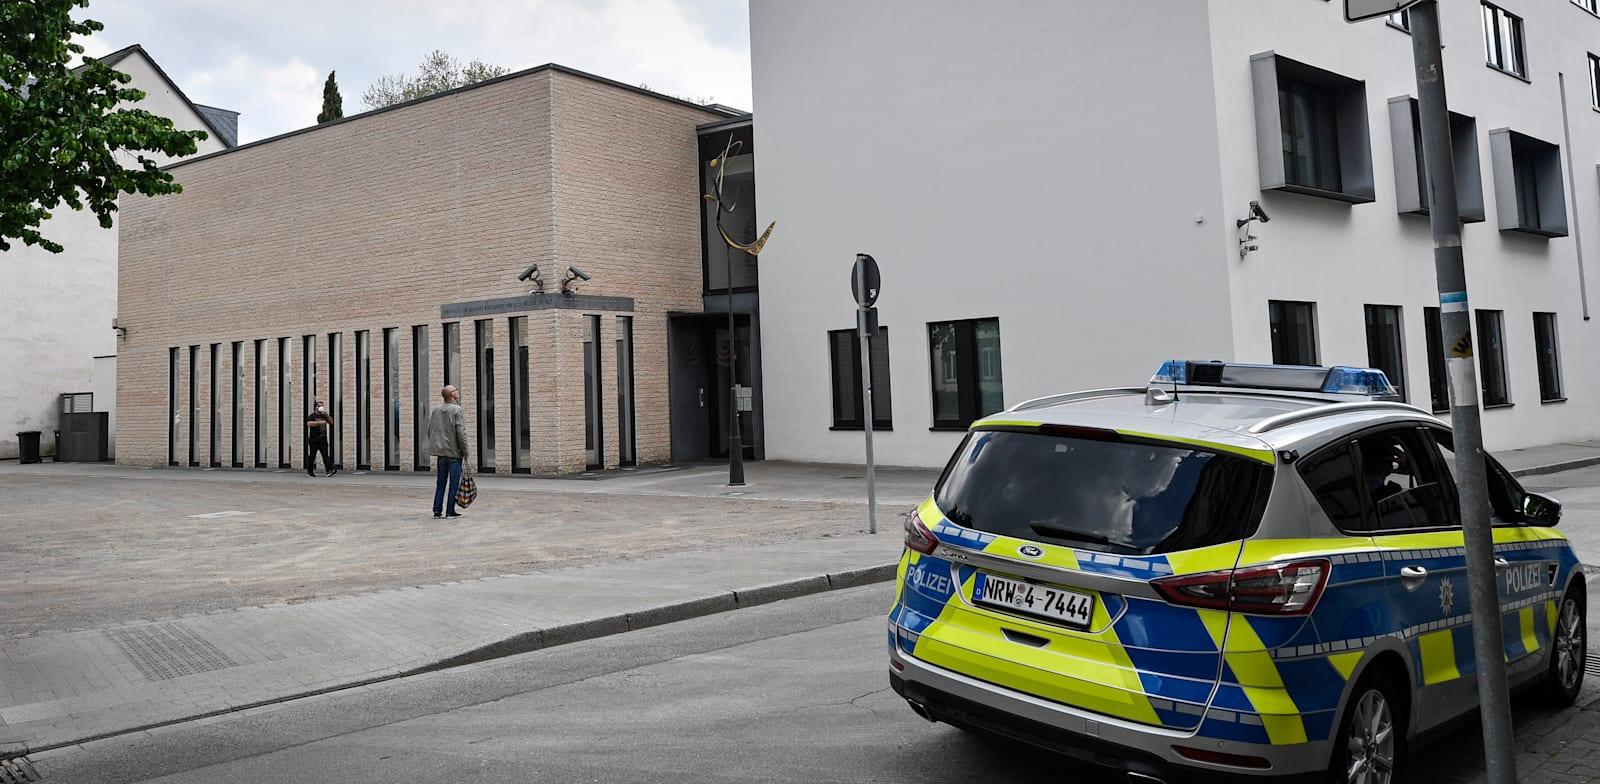 ניידת משטרה מול בית הכנסת בעיר גלזנקירשן, היום / צילום: Associated Press, Martin Meissner